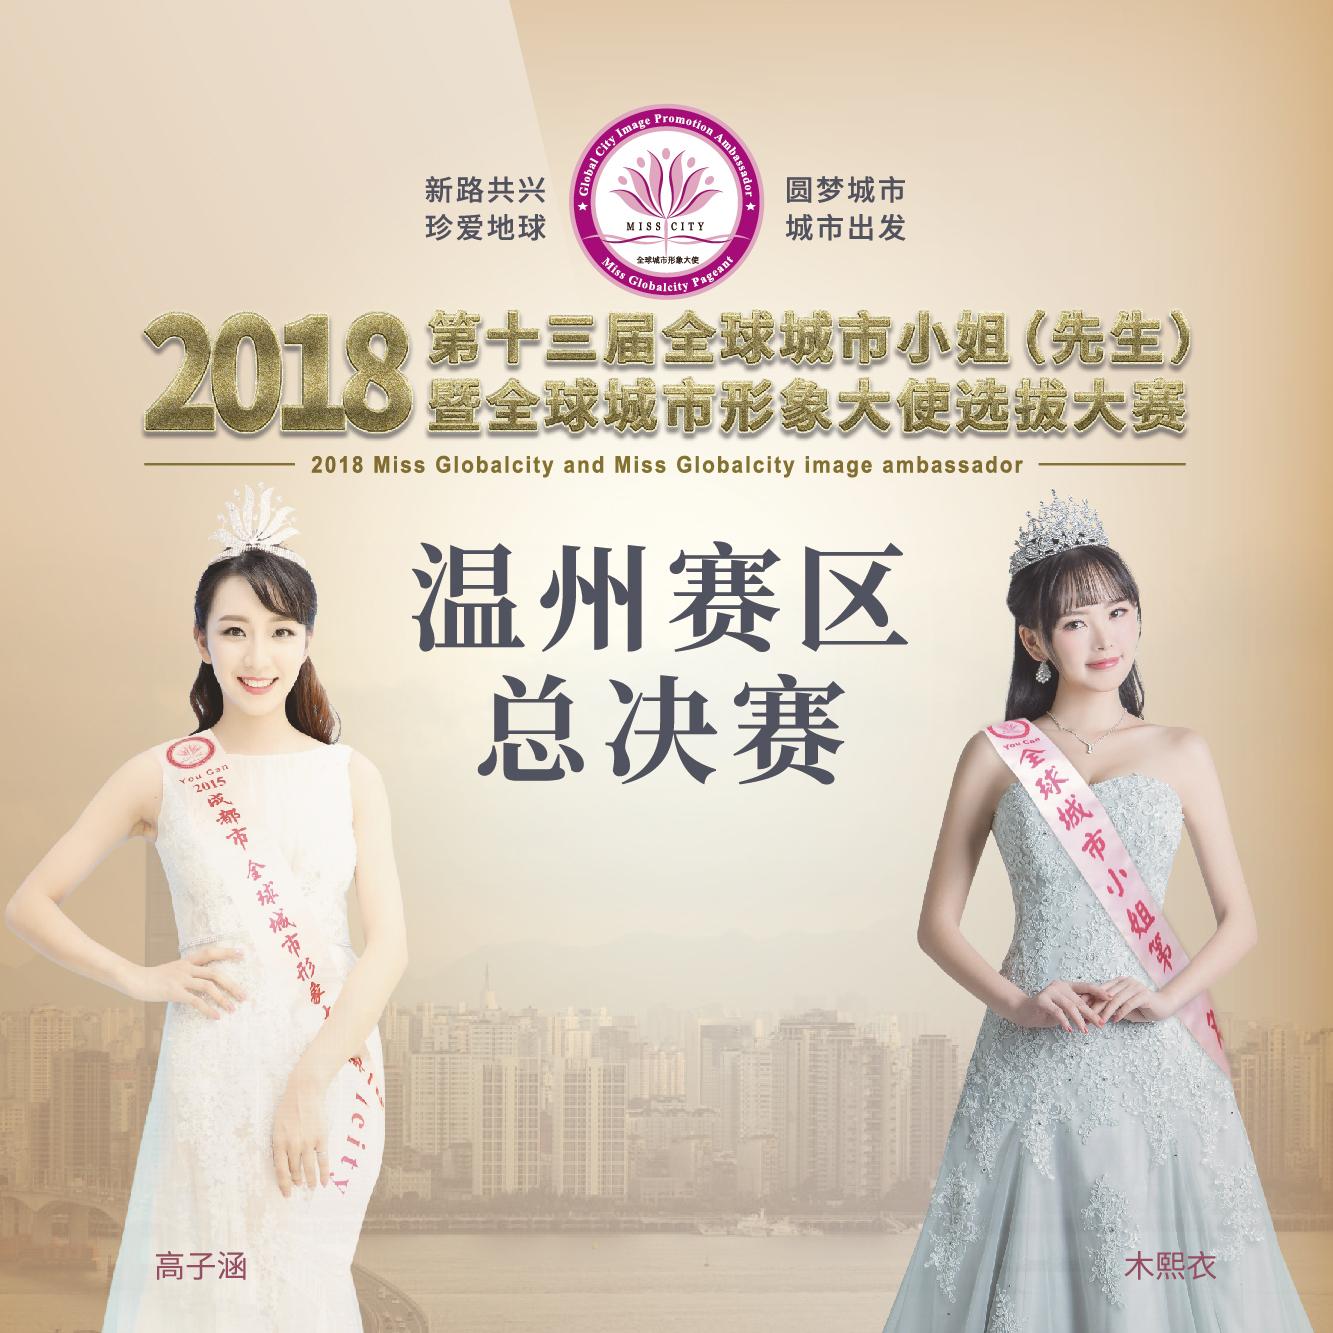 2018第十三届全球城市小姐(先生)暨全球城市形象大使选拔大赛浙江温州赛区总决赛